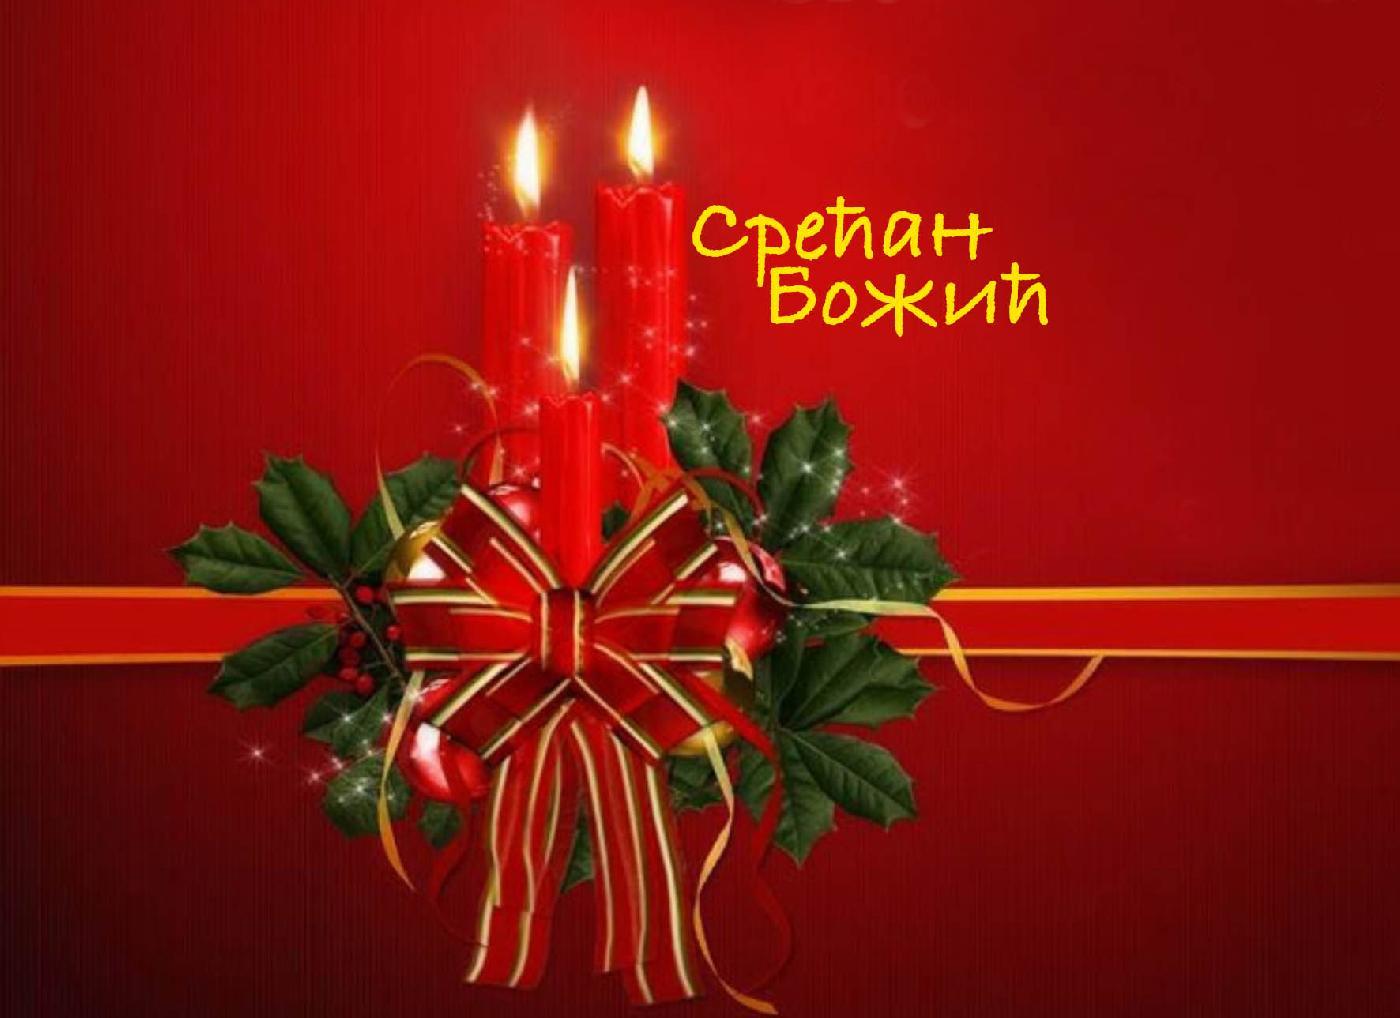 Срећан Божић